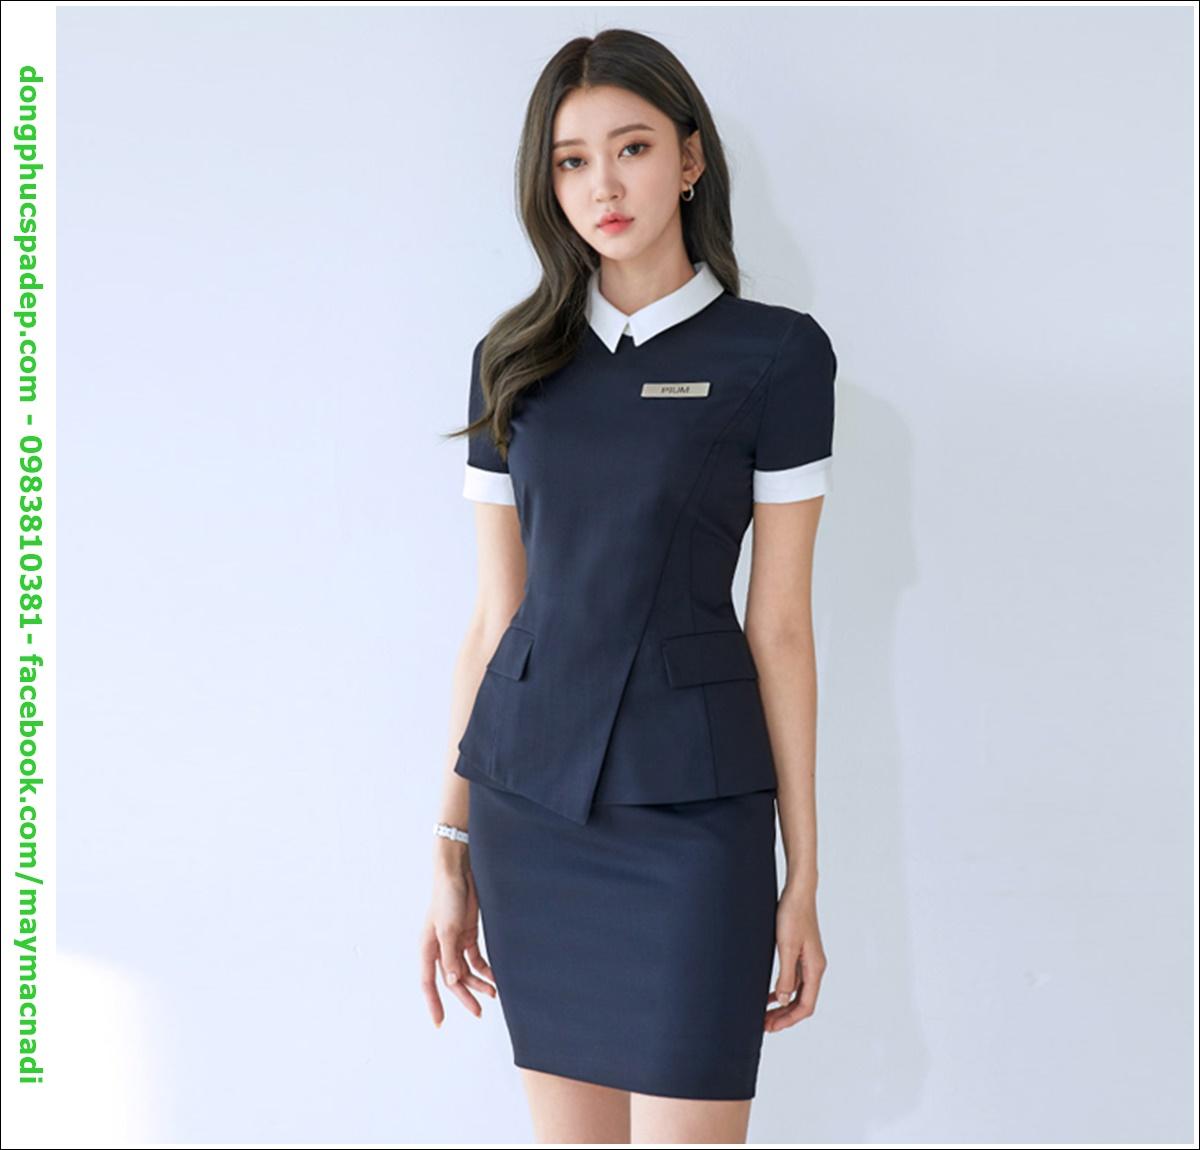 Sự kết hợp giữa áo sơ mi và váy mang đến cho nhân viên lễ tân đại diện dịch vụ làm đẹp một sự tinh tế, quyến rũ, đẳng cấp